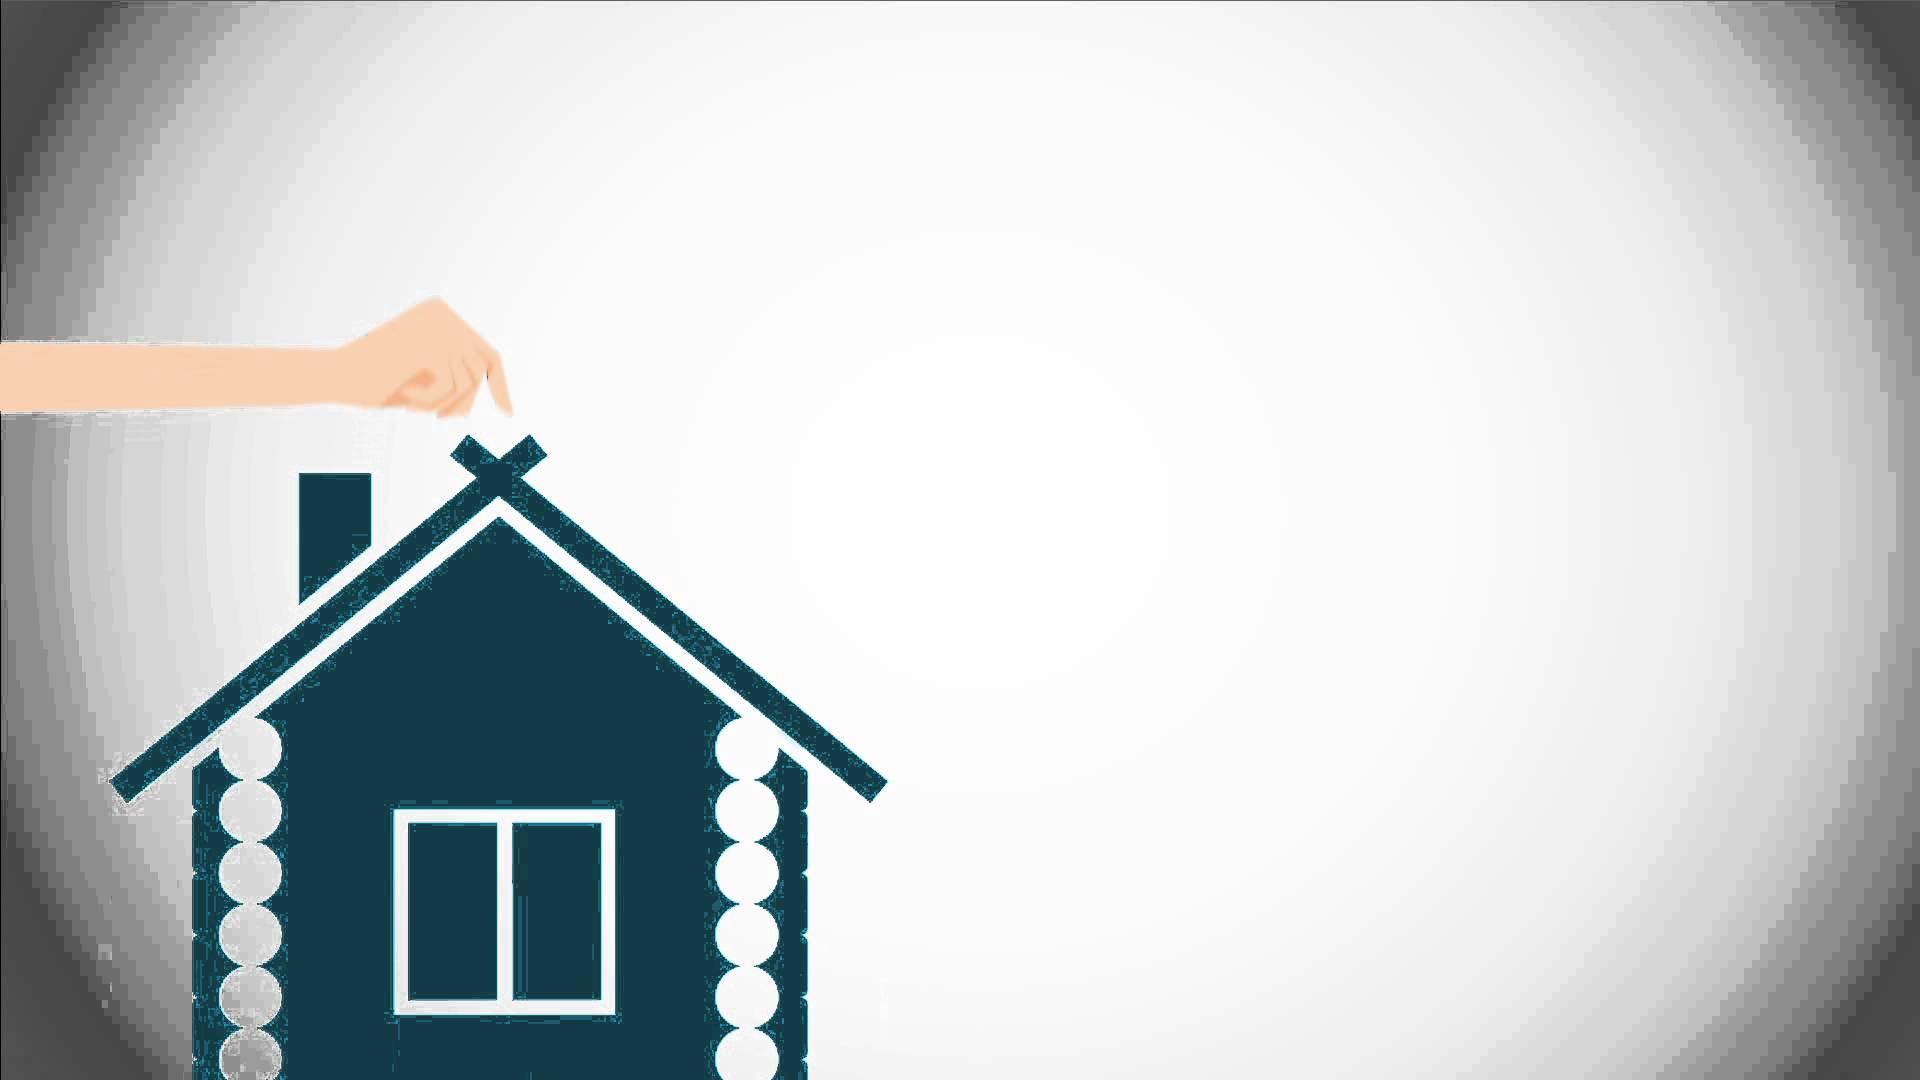 Prestamos personales para emprendedores blog - Como solicitar un prestamo hipotecario ...